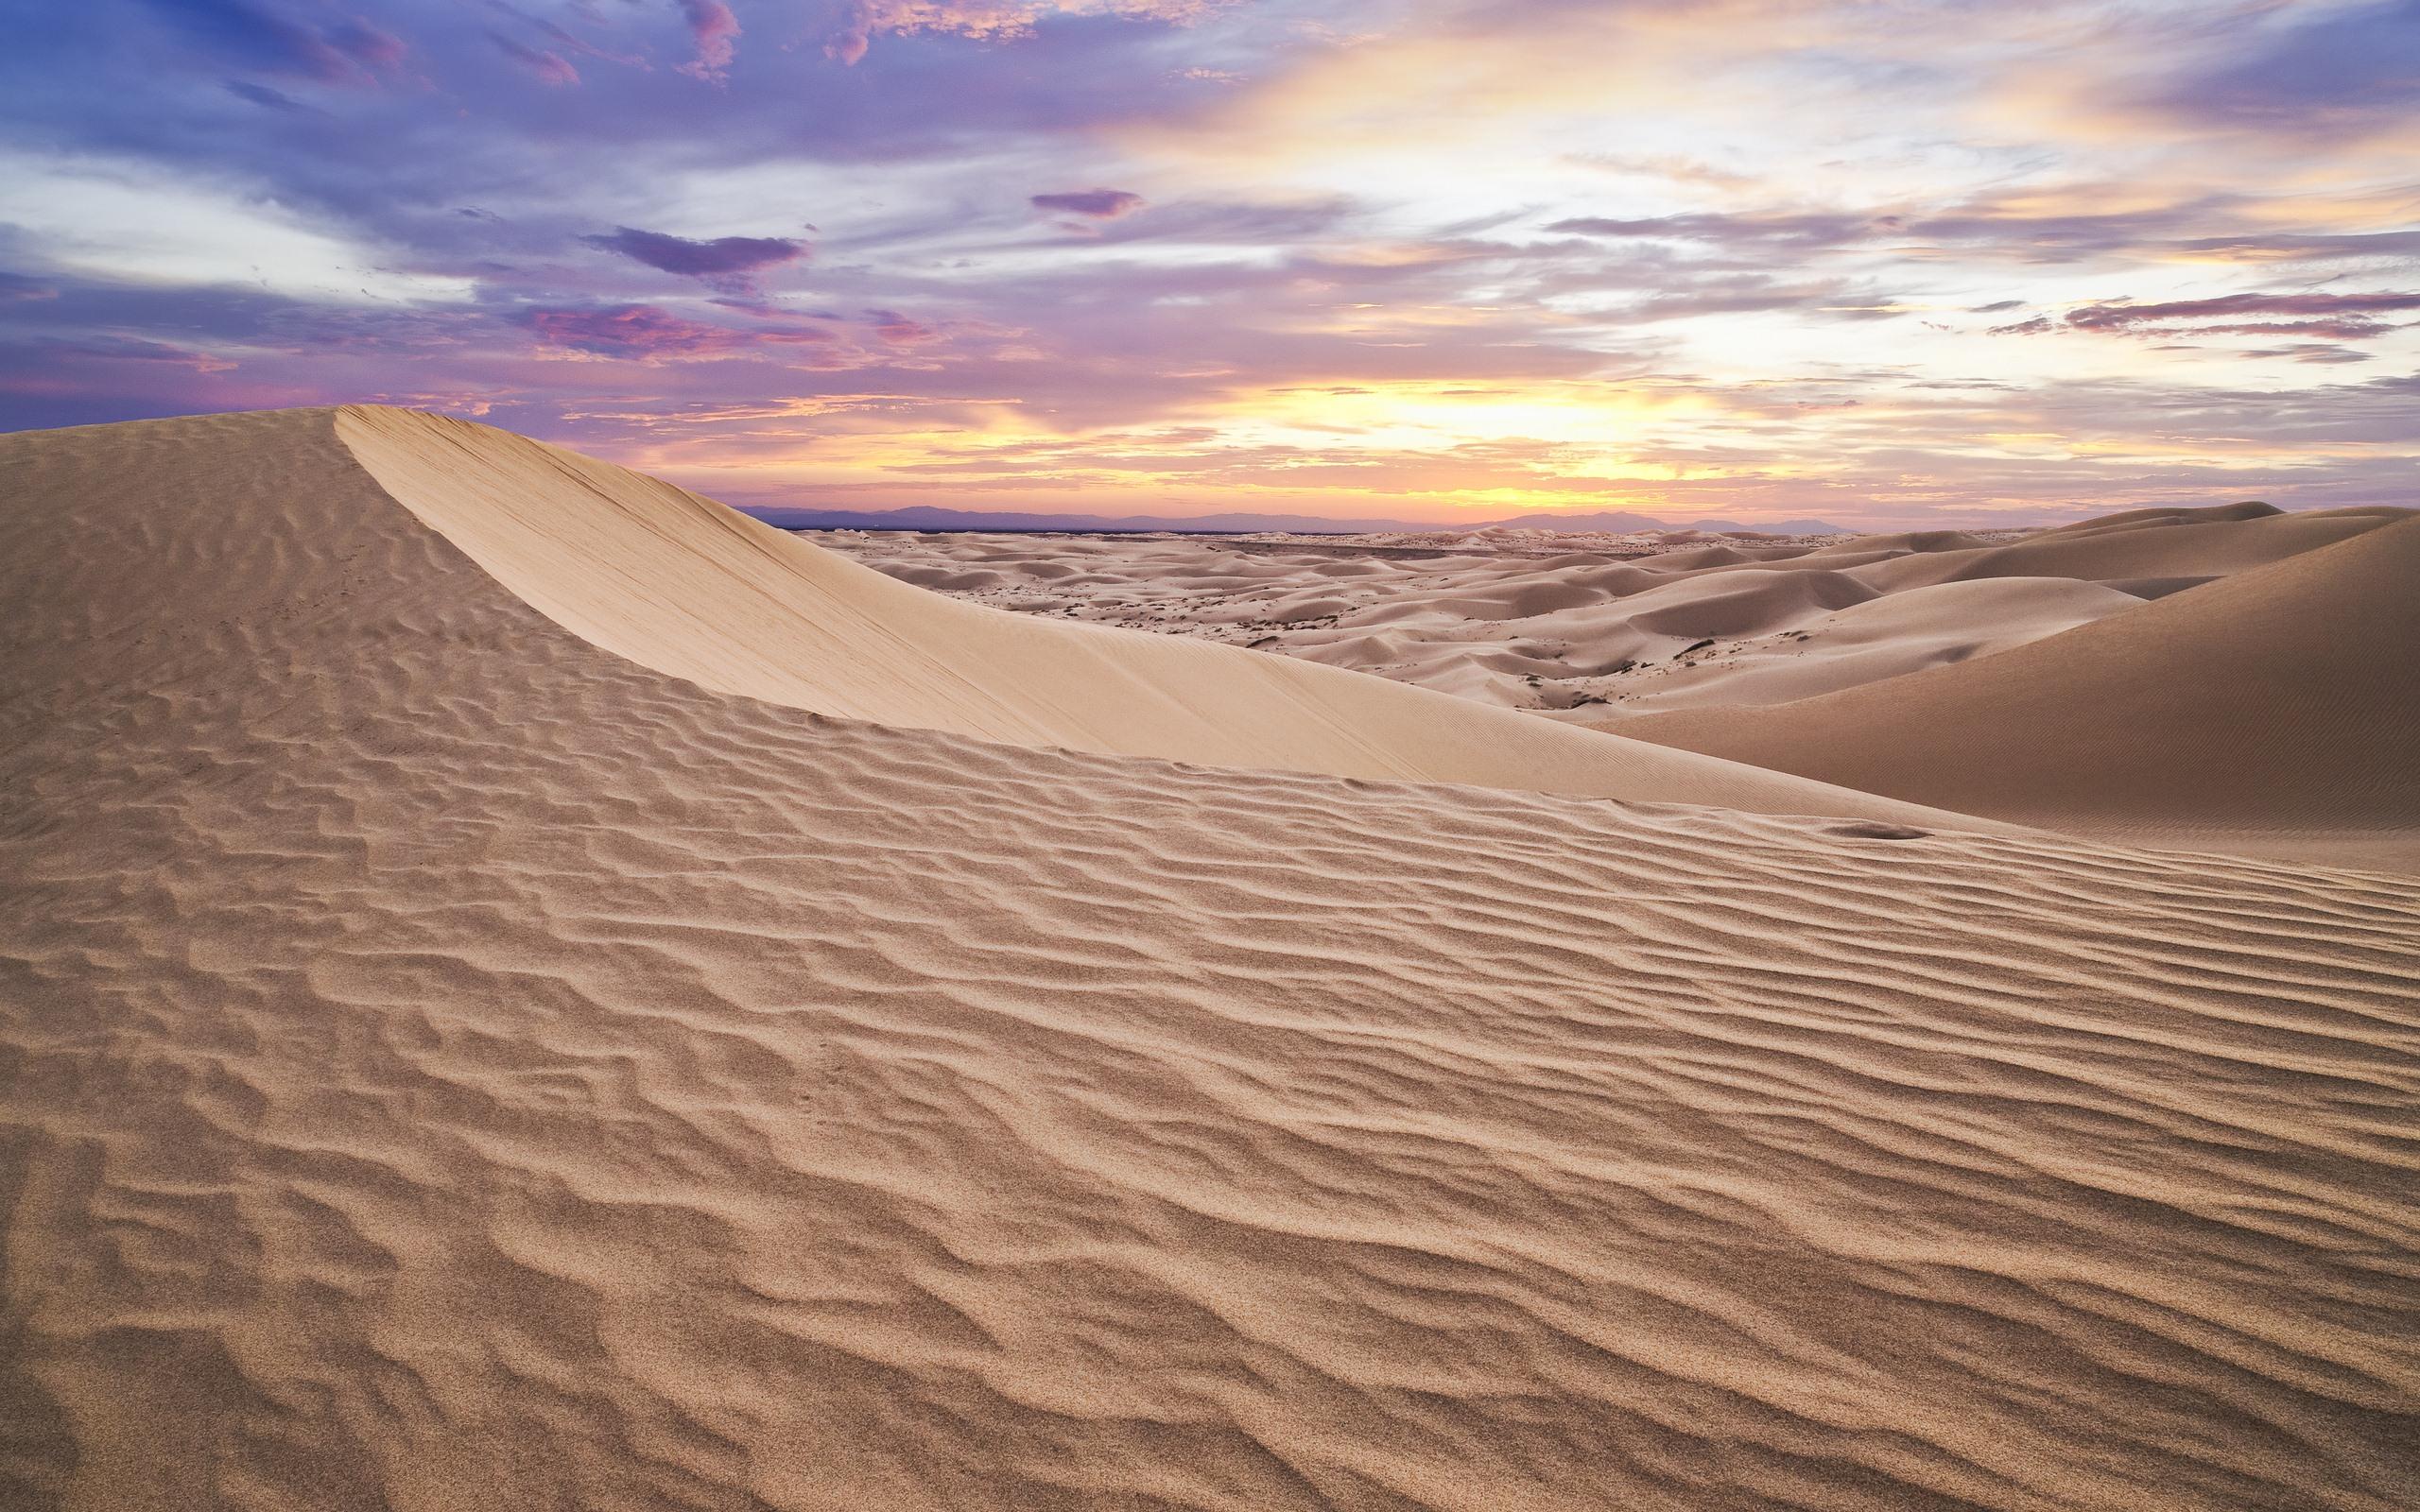 desert-dunes-sunset-246715